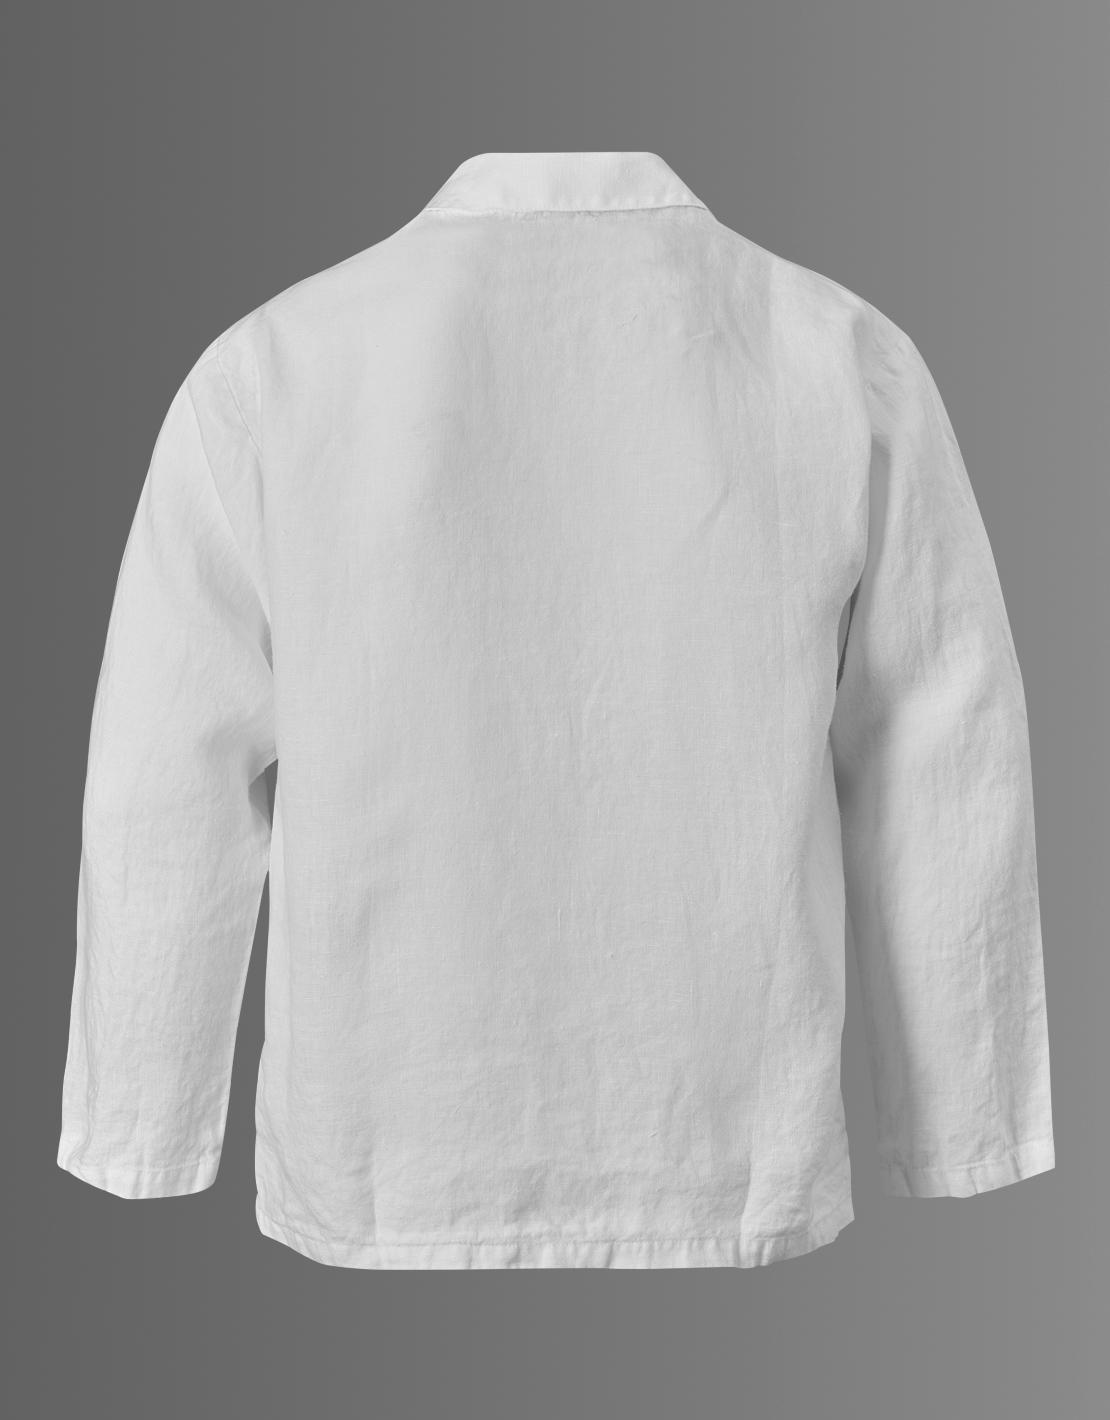 Linneskjorta ekologisk unisex white linen - Lin Living a65dfadbbbdc0